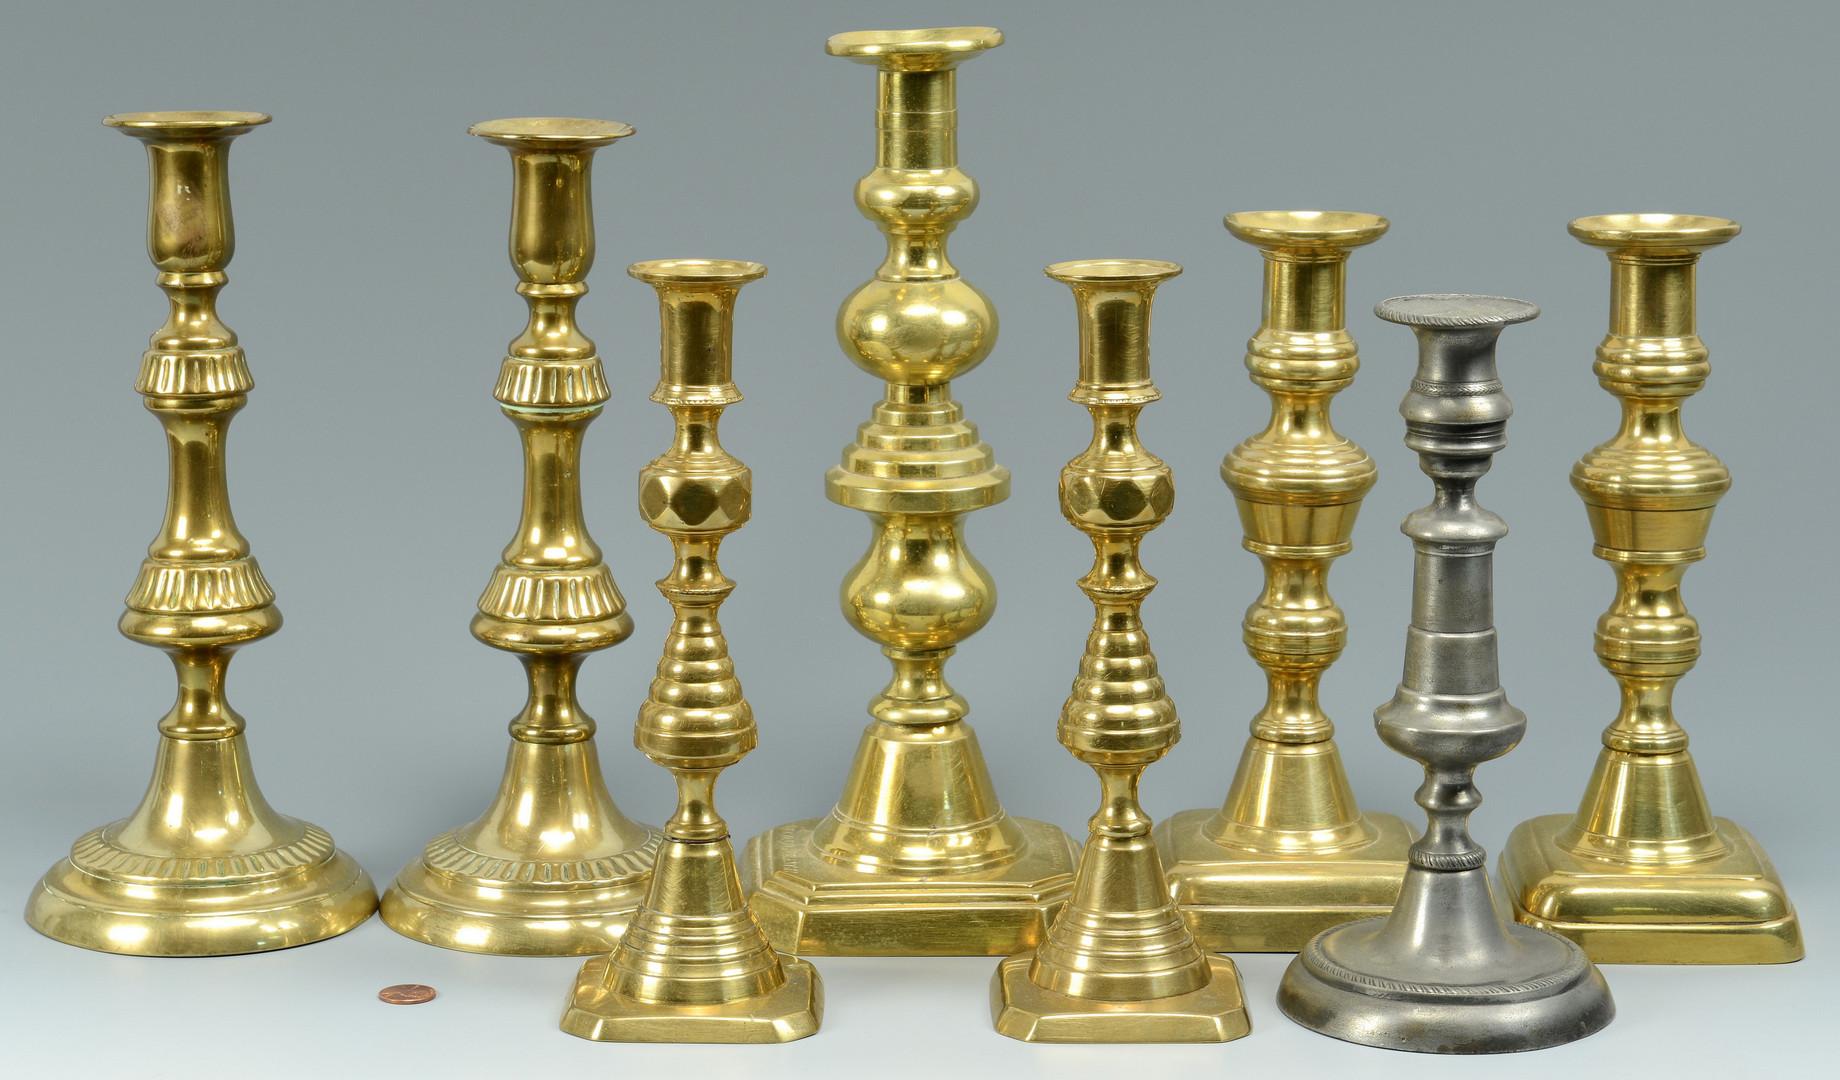 Lot 532: 8 Brass & Pewter Candlesticks